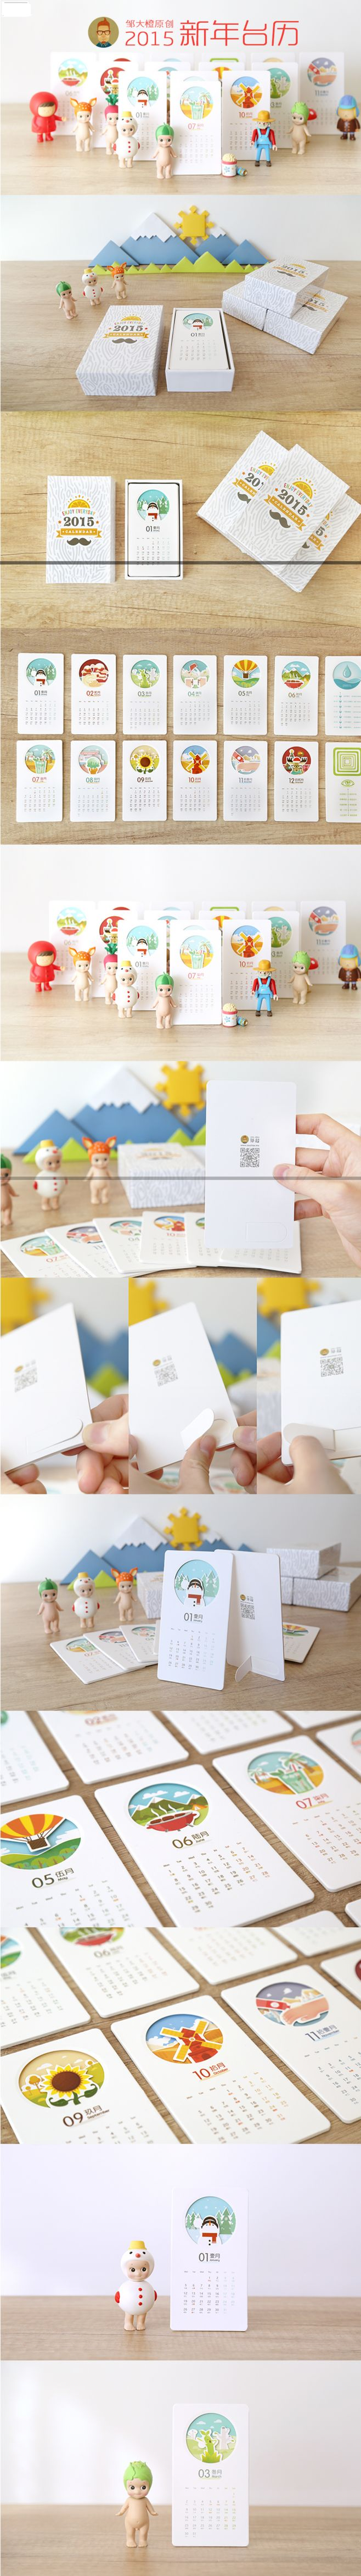 邹大橙原创设计-2015卡片台历-淘宝网